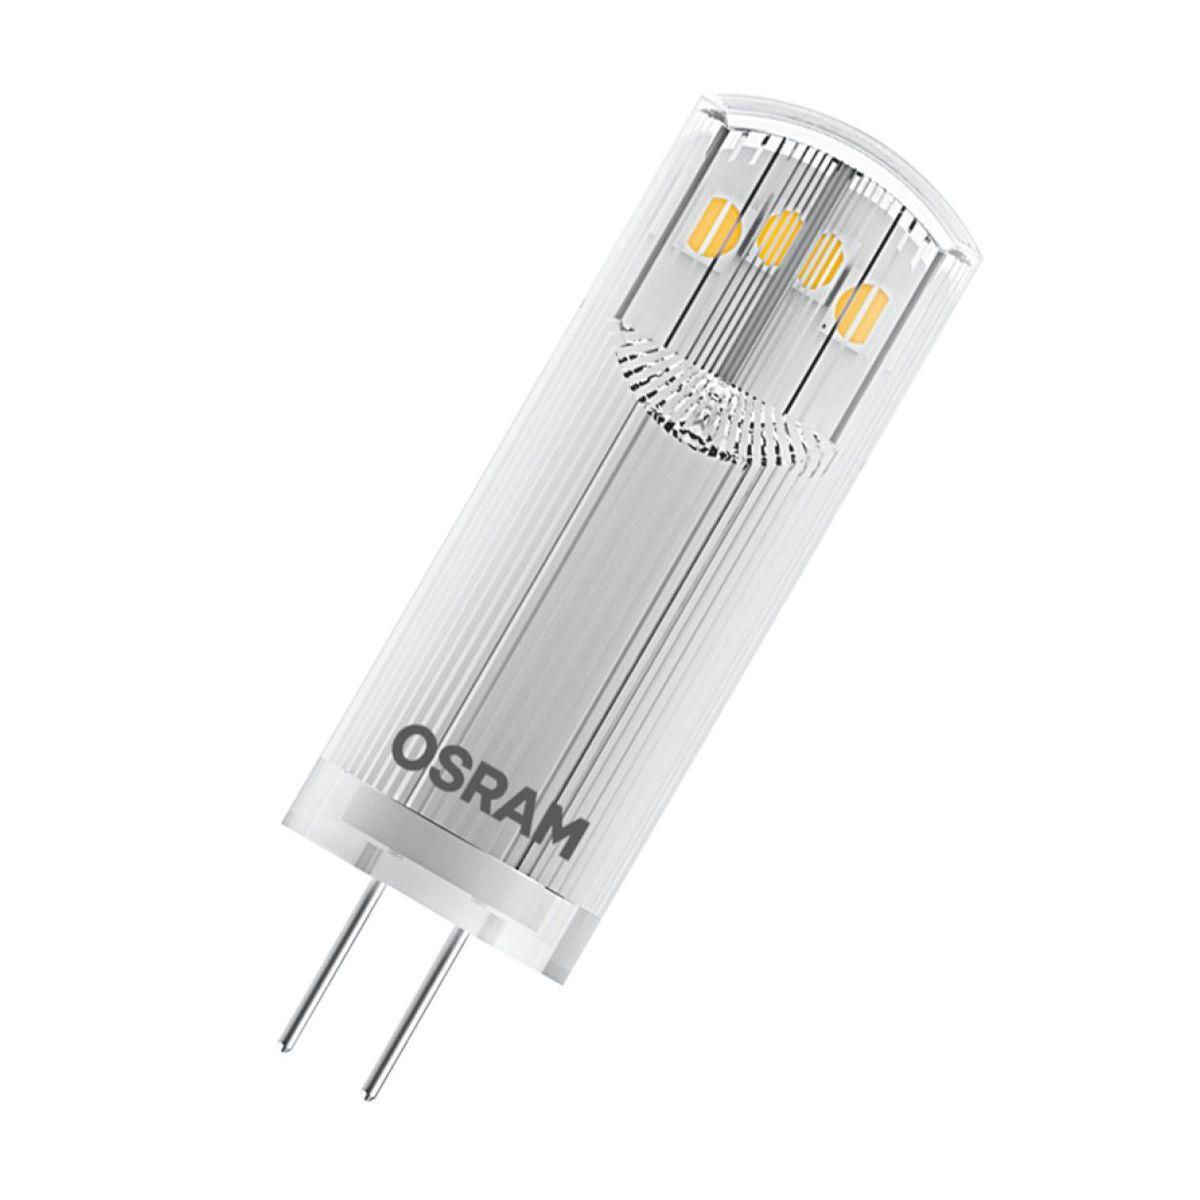 osram parathom led pin 20 1 8w 827 g4 12v 4058075811430. Black Bedroom Furniture Sets. Home Design Ideas